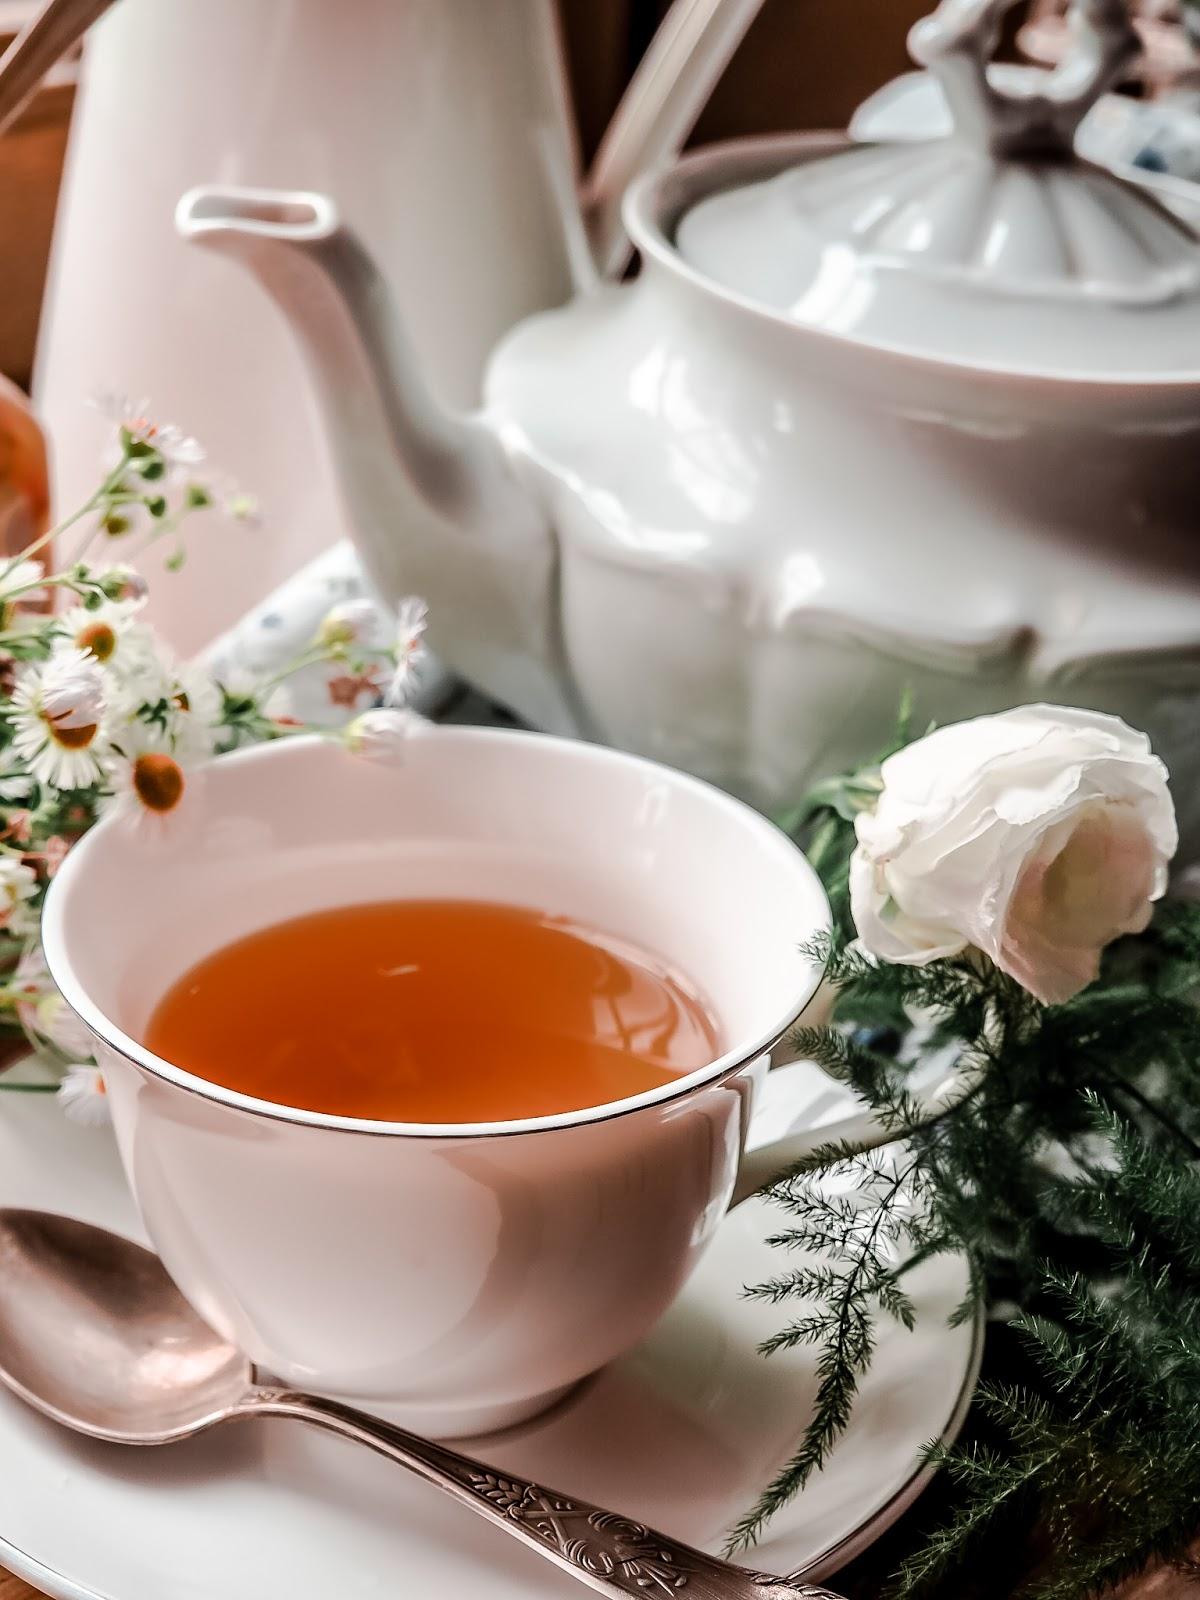 jak-zrobic-wlasna-herbate,ziola, co-suszyc,